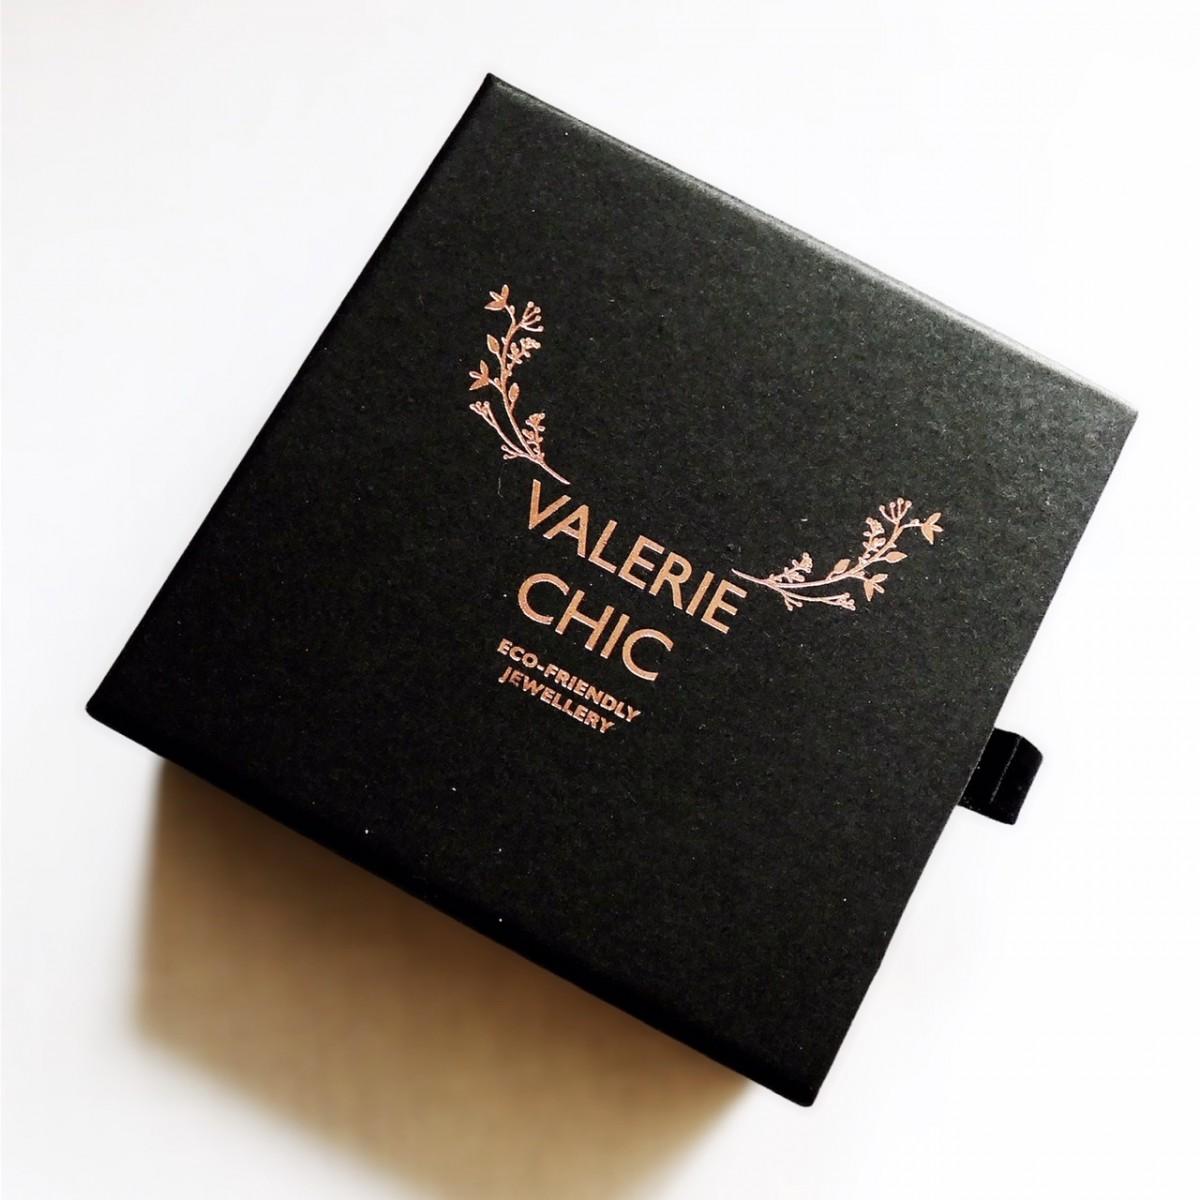 Valerie Chic - Mission Bay Creolen - Swarovski Kristalle, Perlen